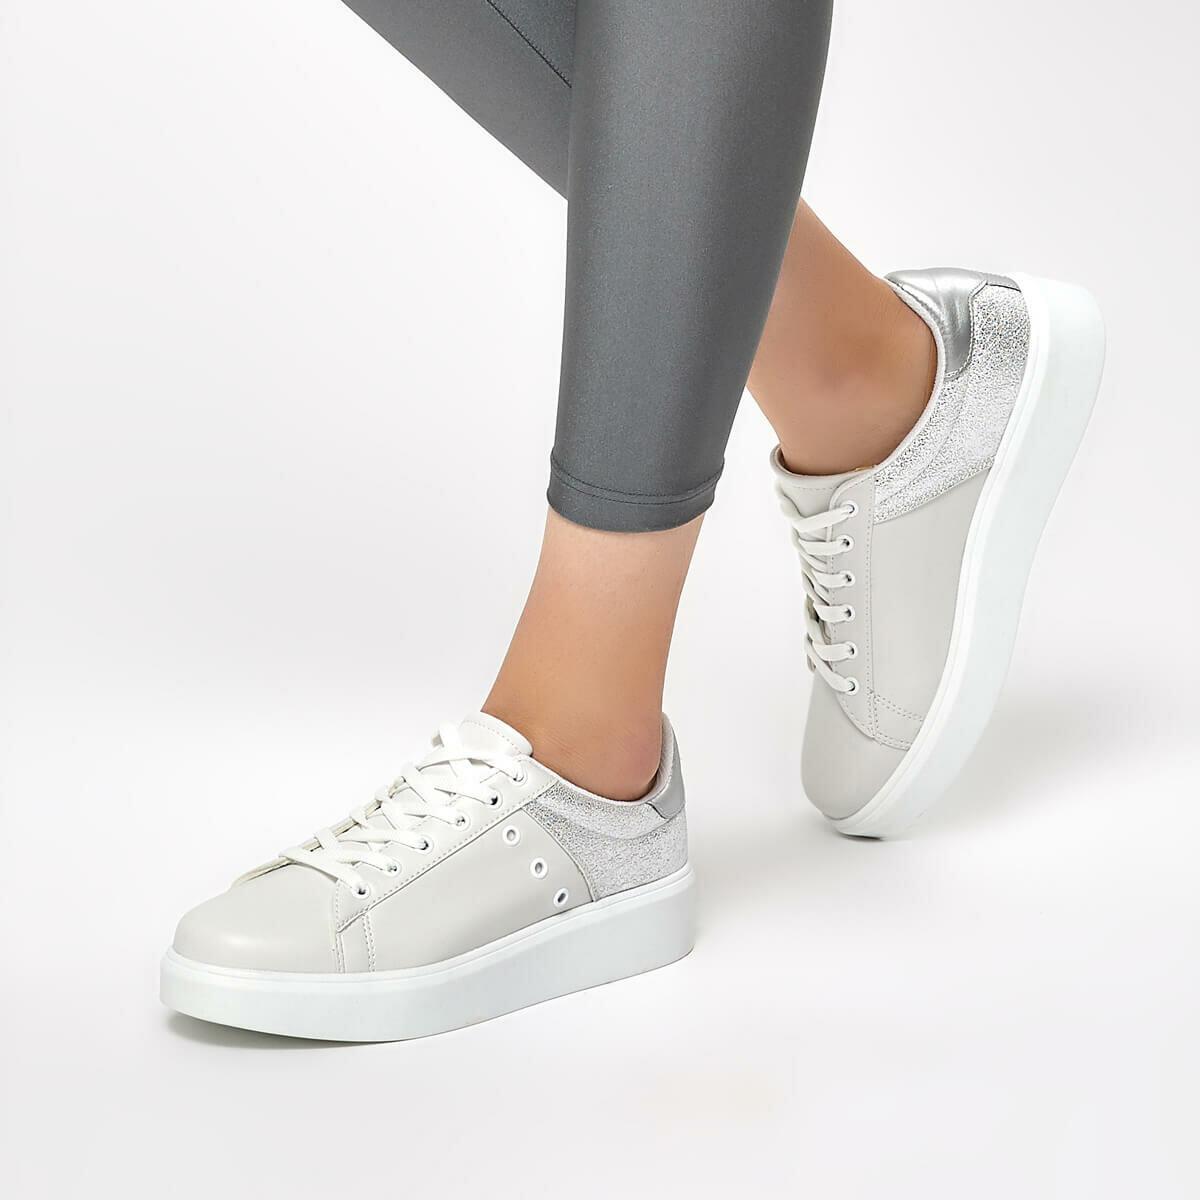 FLO 91. 313315.Z White Women 'S Shoes Polaris